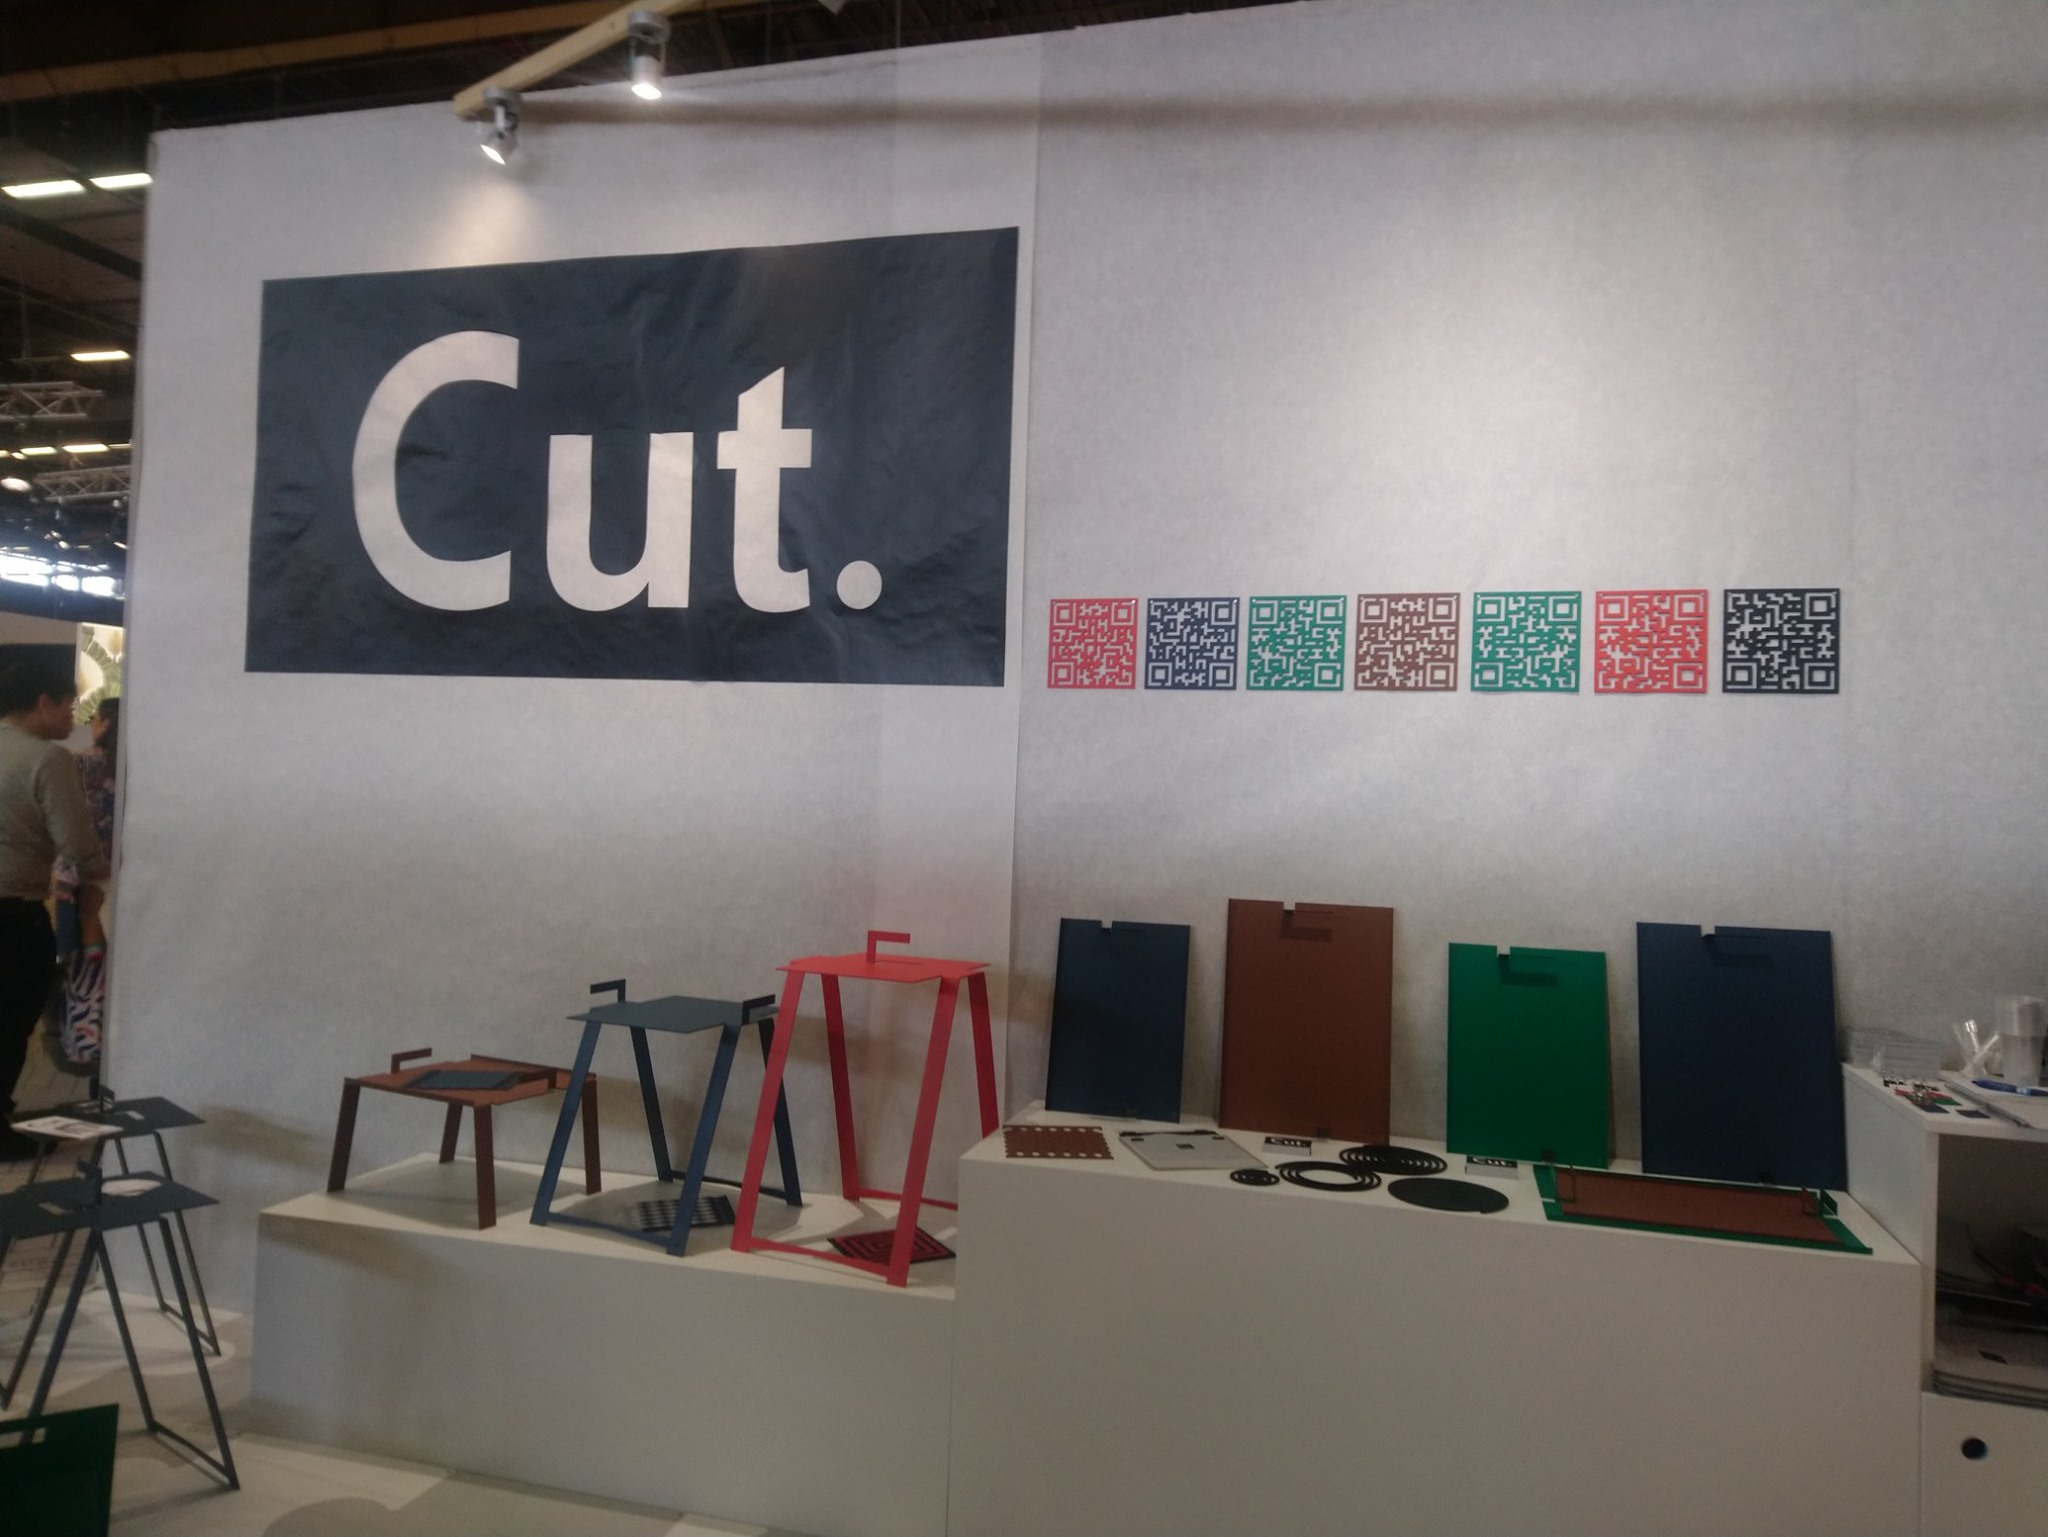 Cut - Mobilier en acier, découpe laser, Yann Le Gal